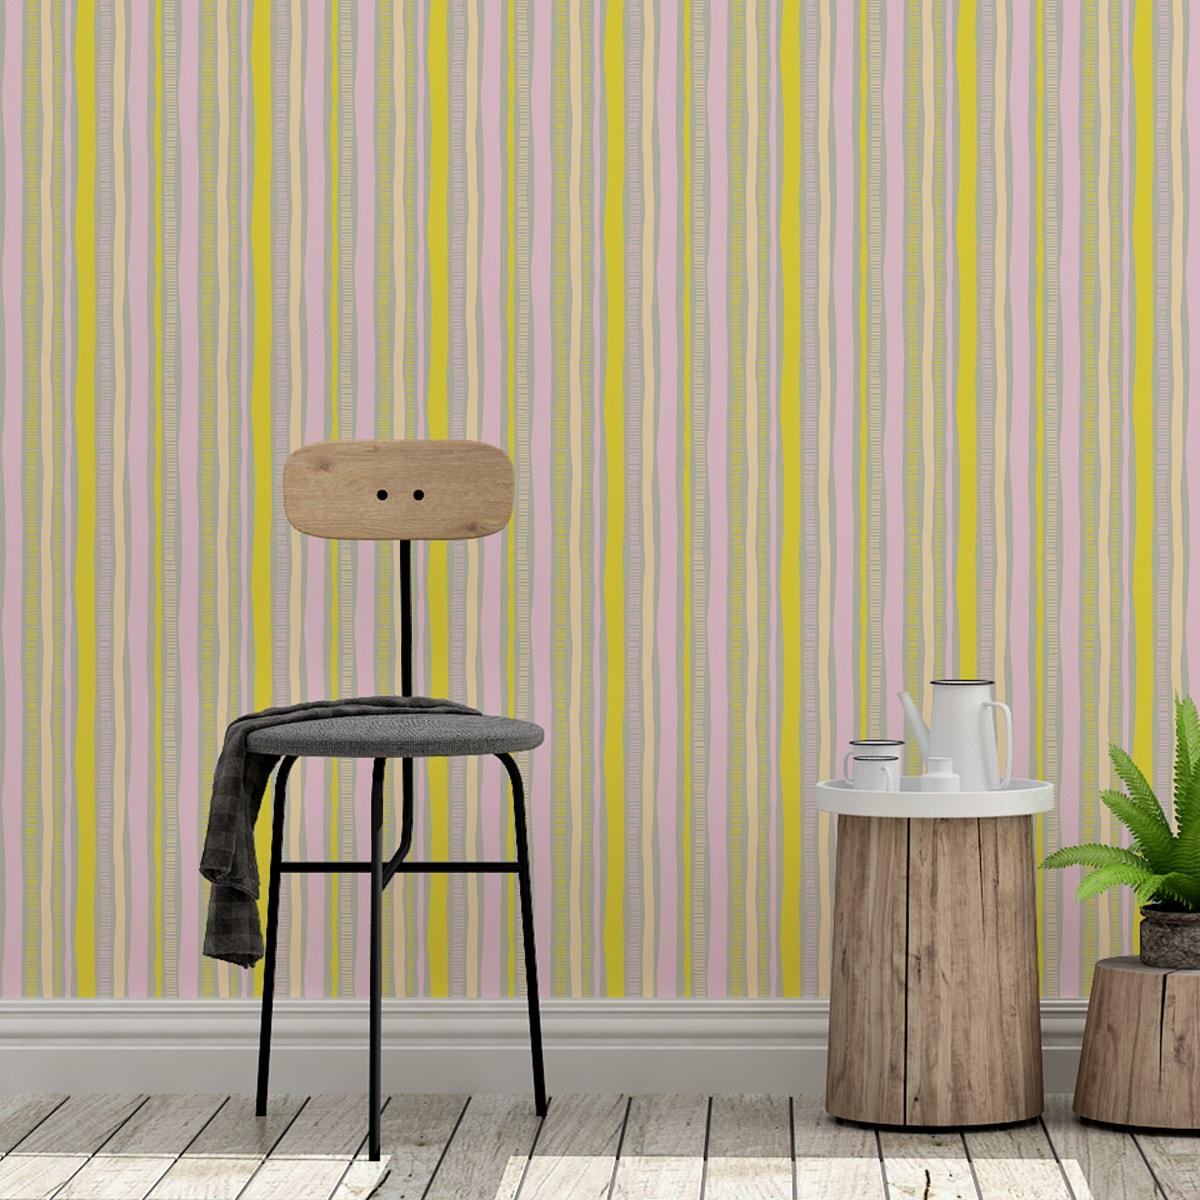 Tapete Wohnzimmer rosa: Streifentapete lockere Streifen grafisch modern in gelb - Streifentapete für Wohnzimmer